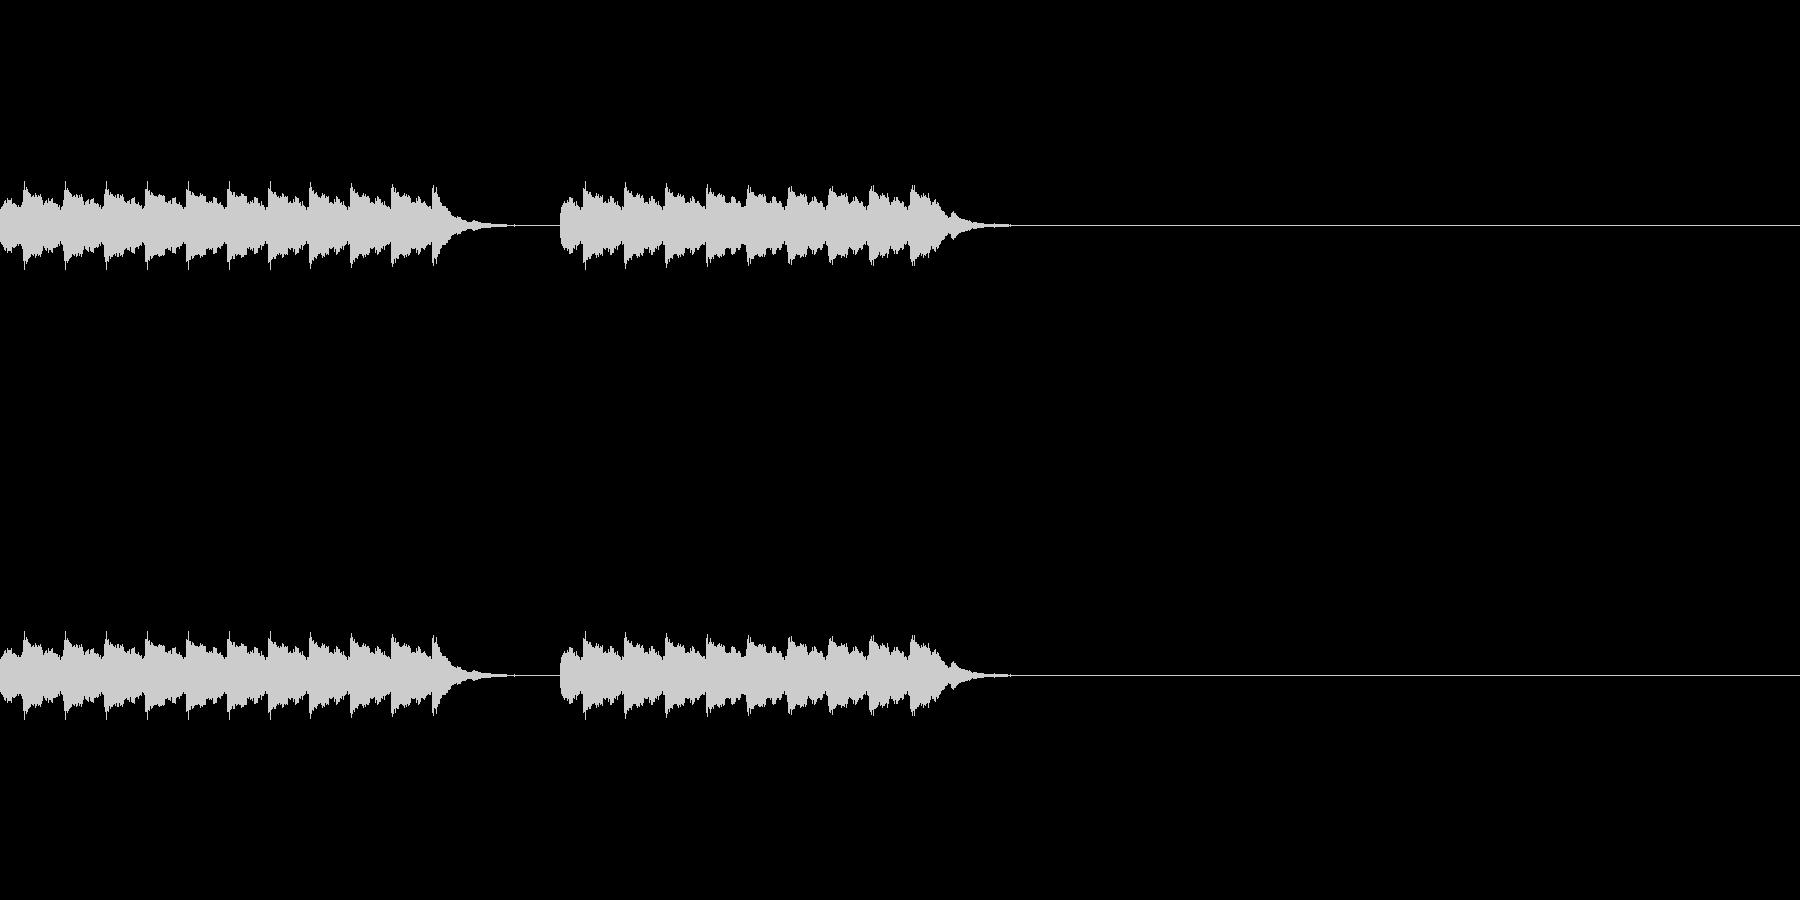 電話のベル2回、hihiBの未再生の波形